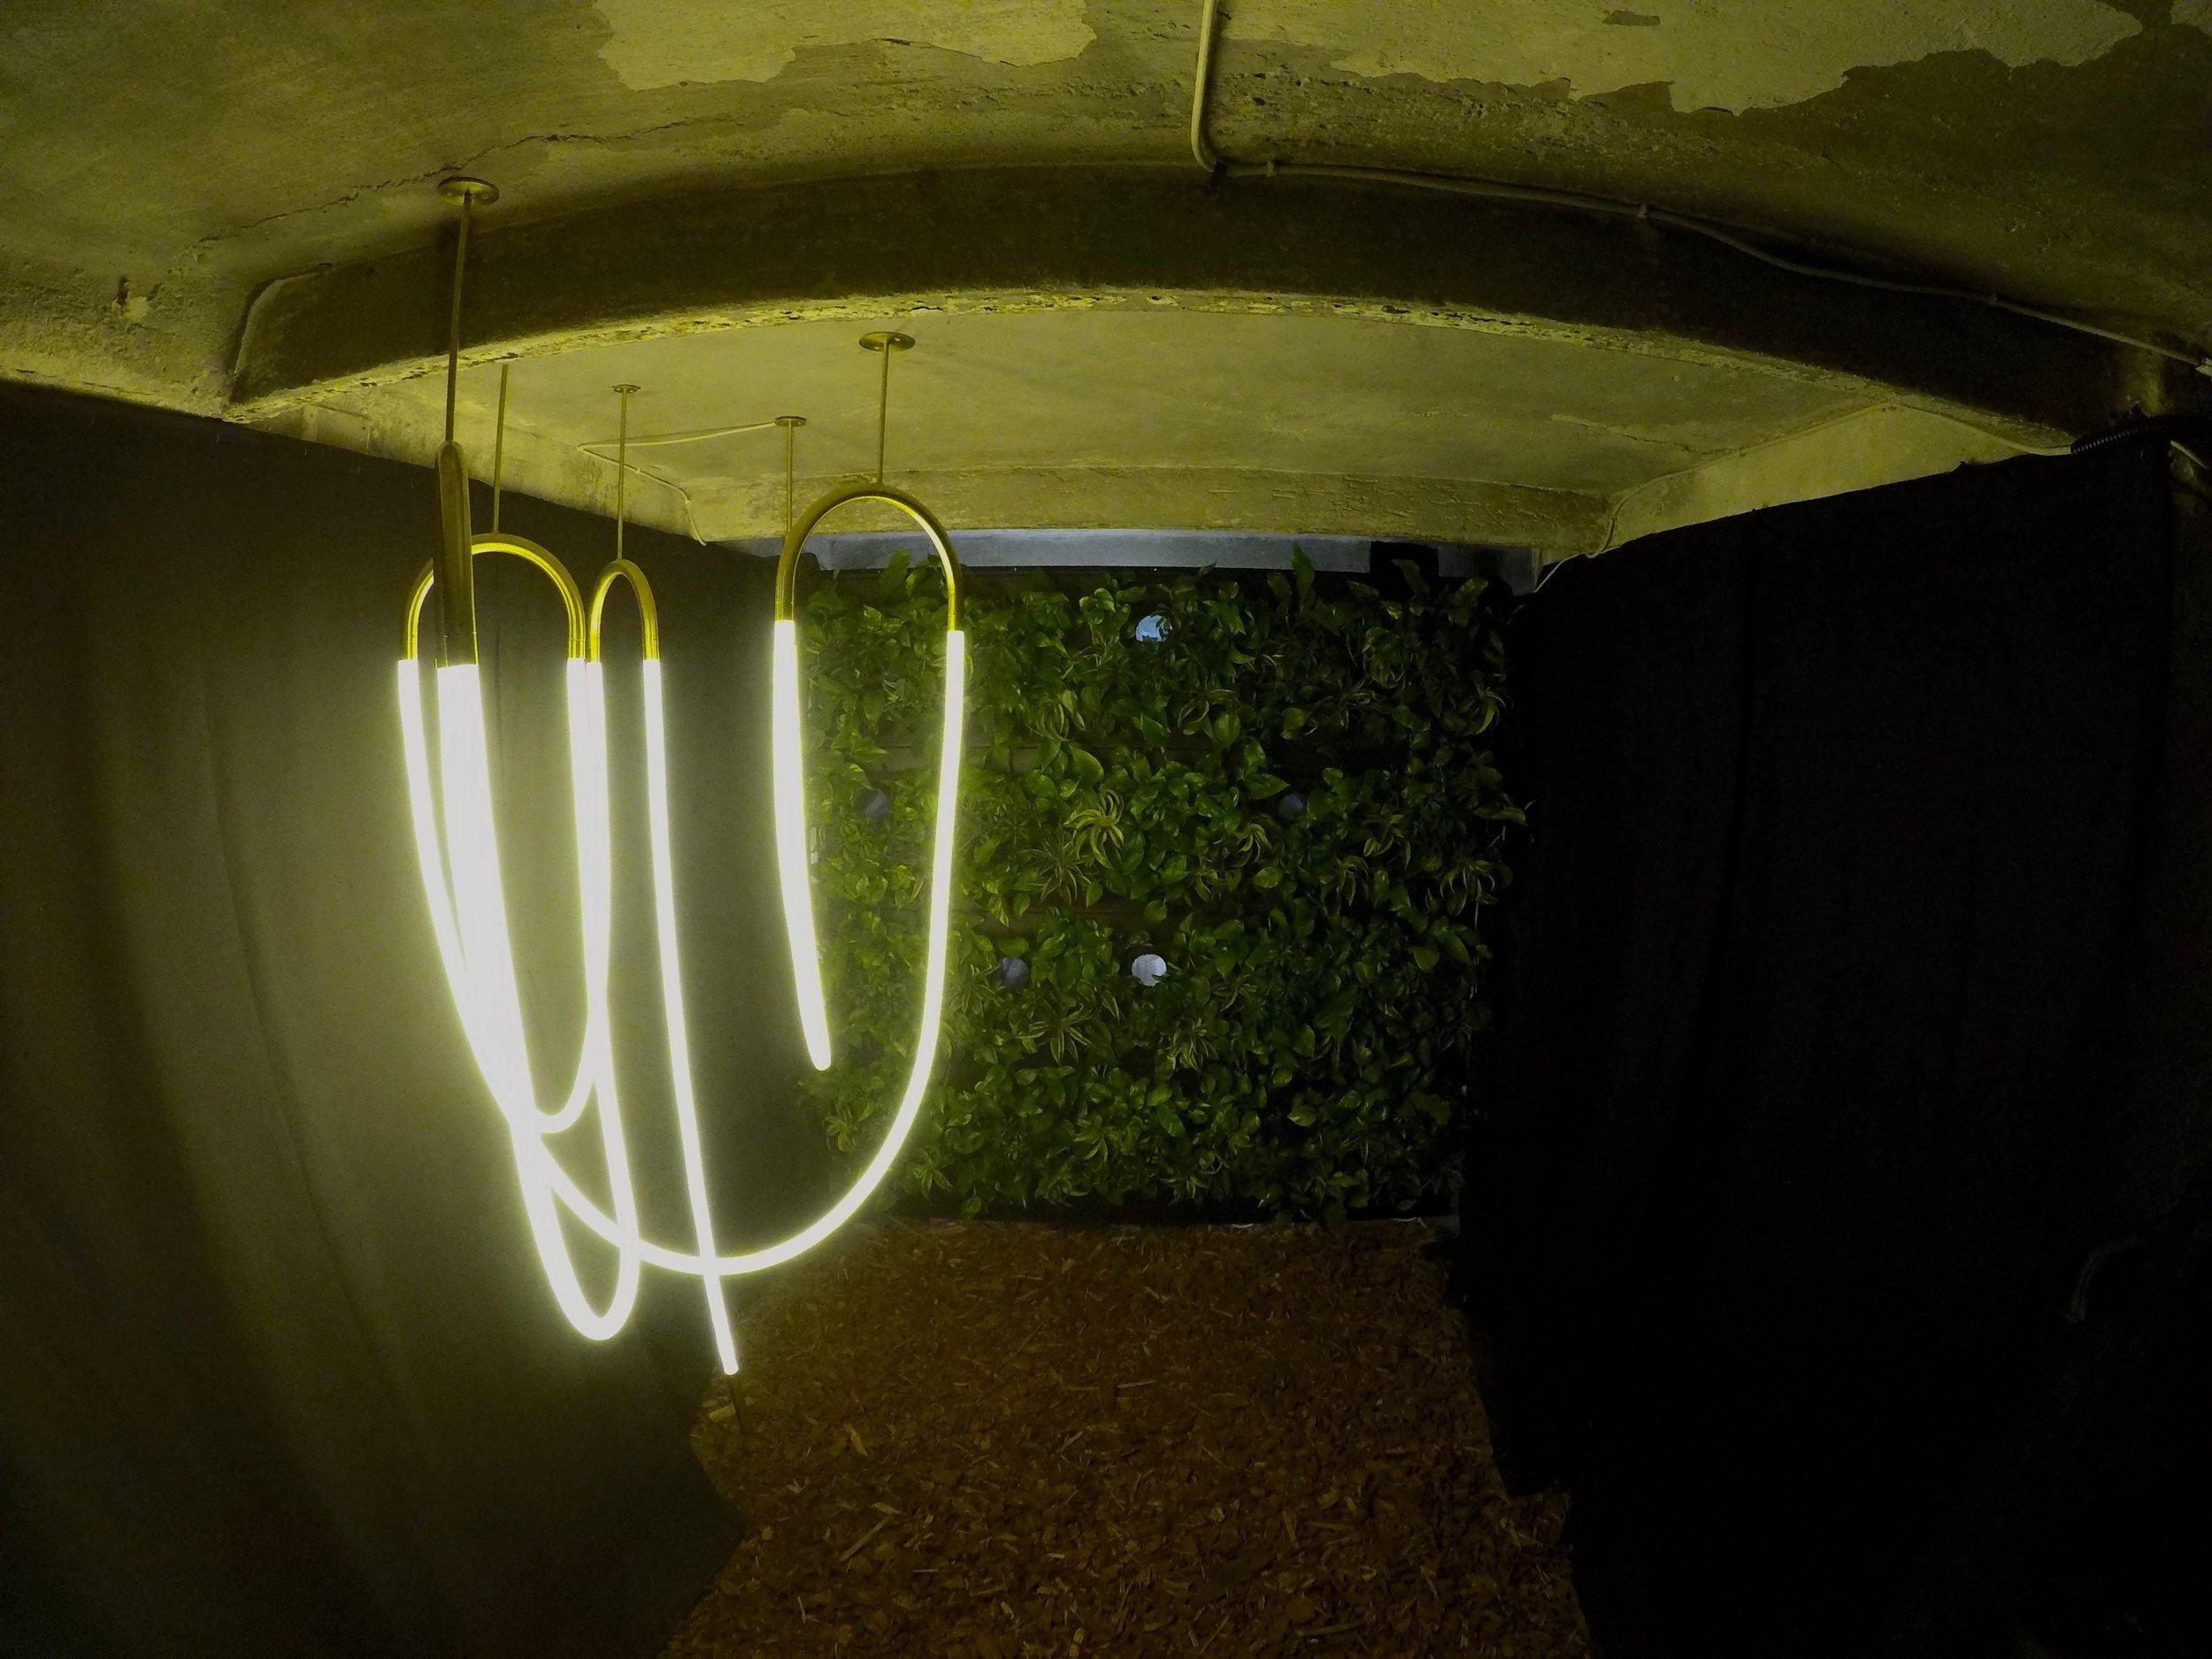 Exhibition design for Milan Design Week